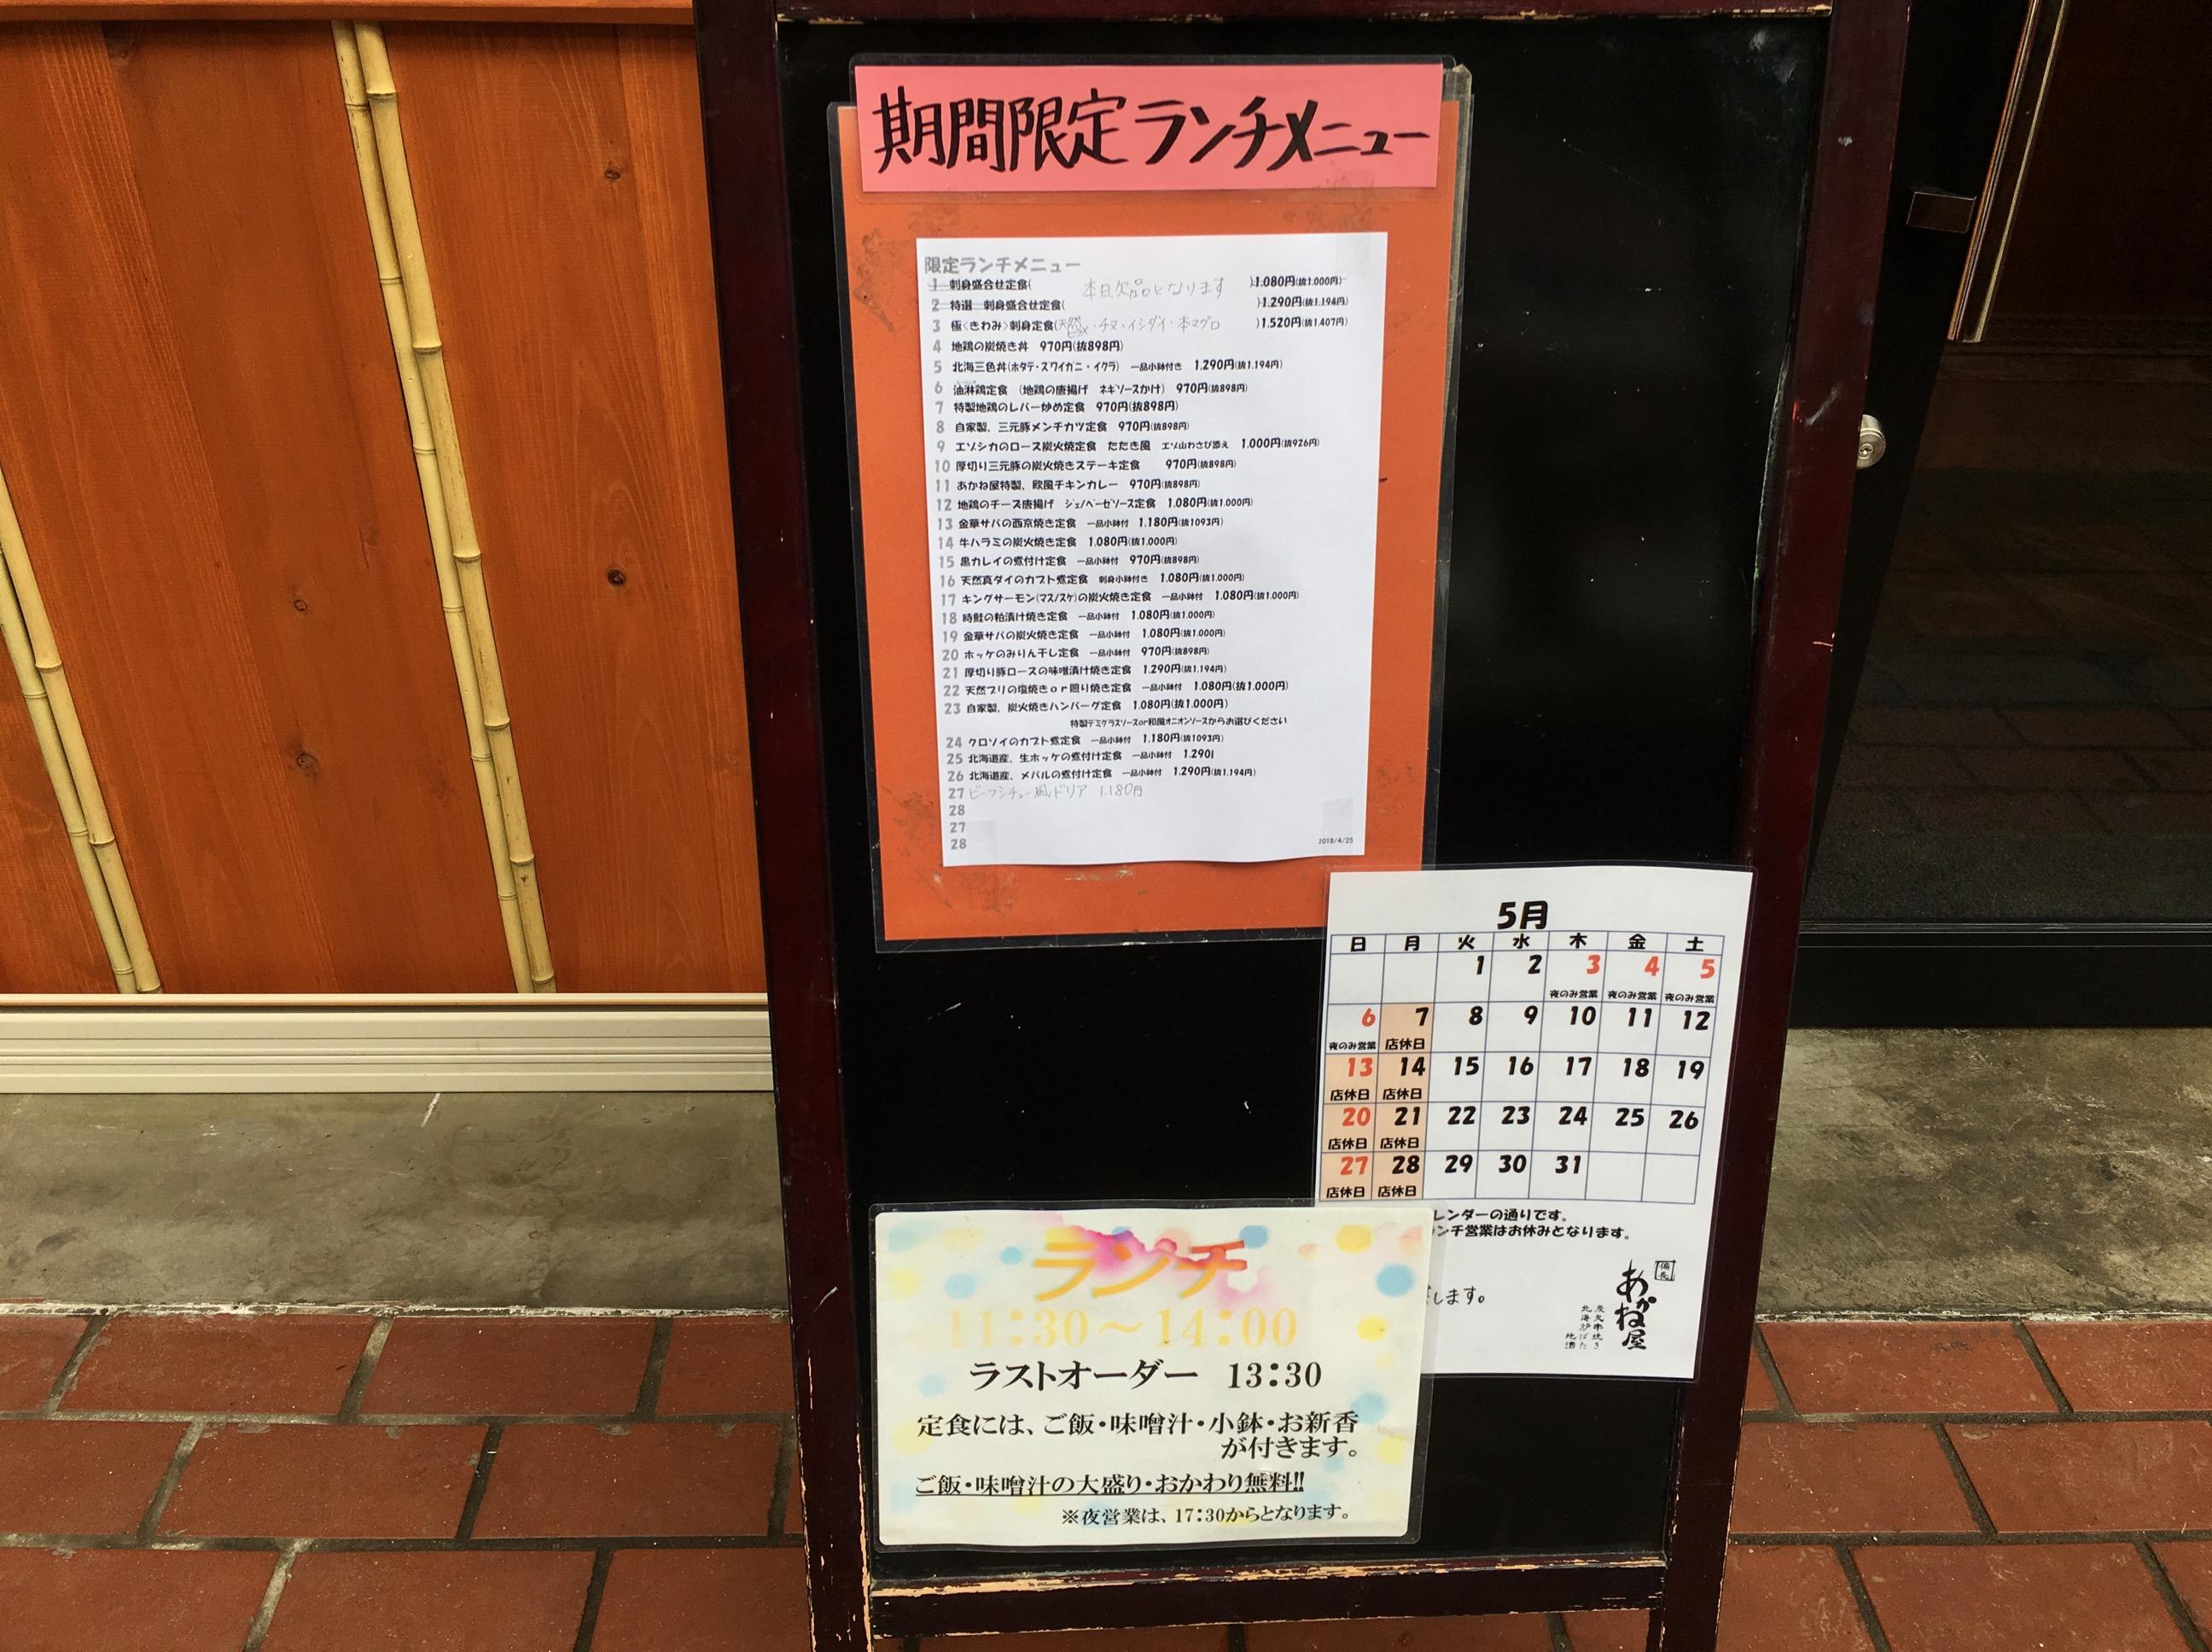 【上尾市 駅前】「あかね屋」のランチはおすすめ!!